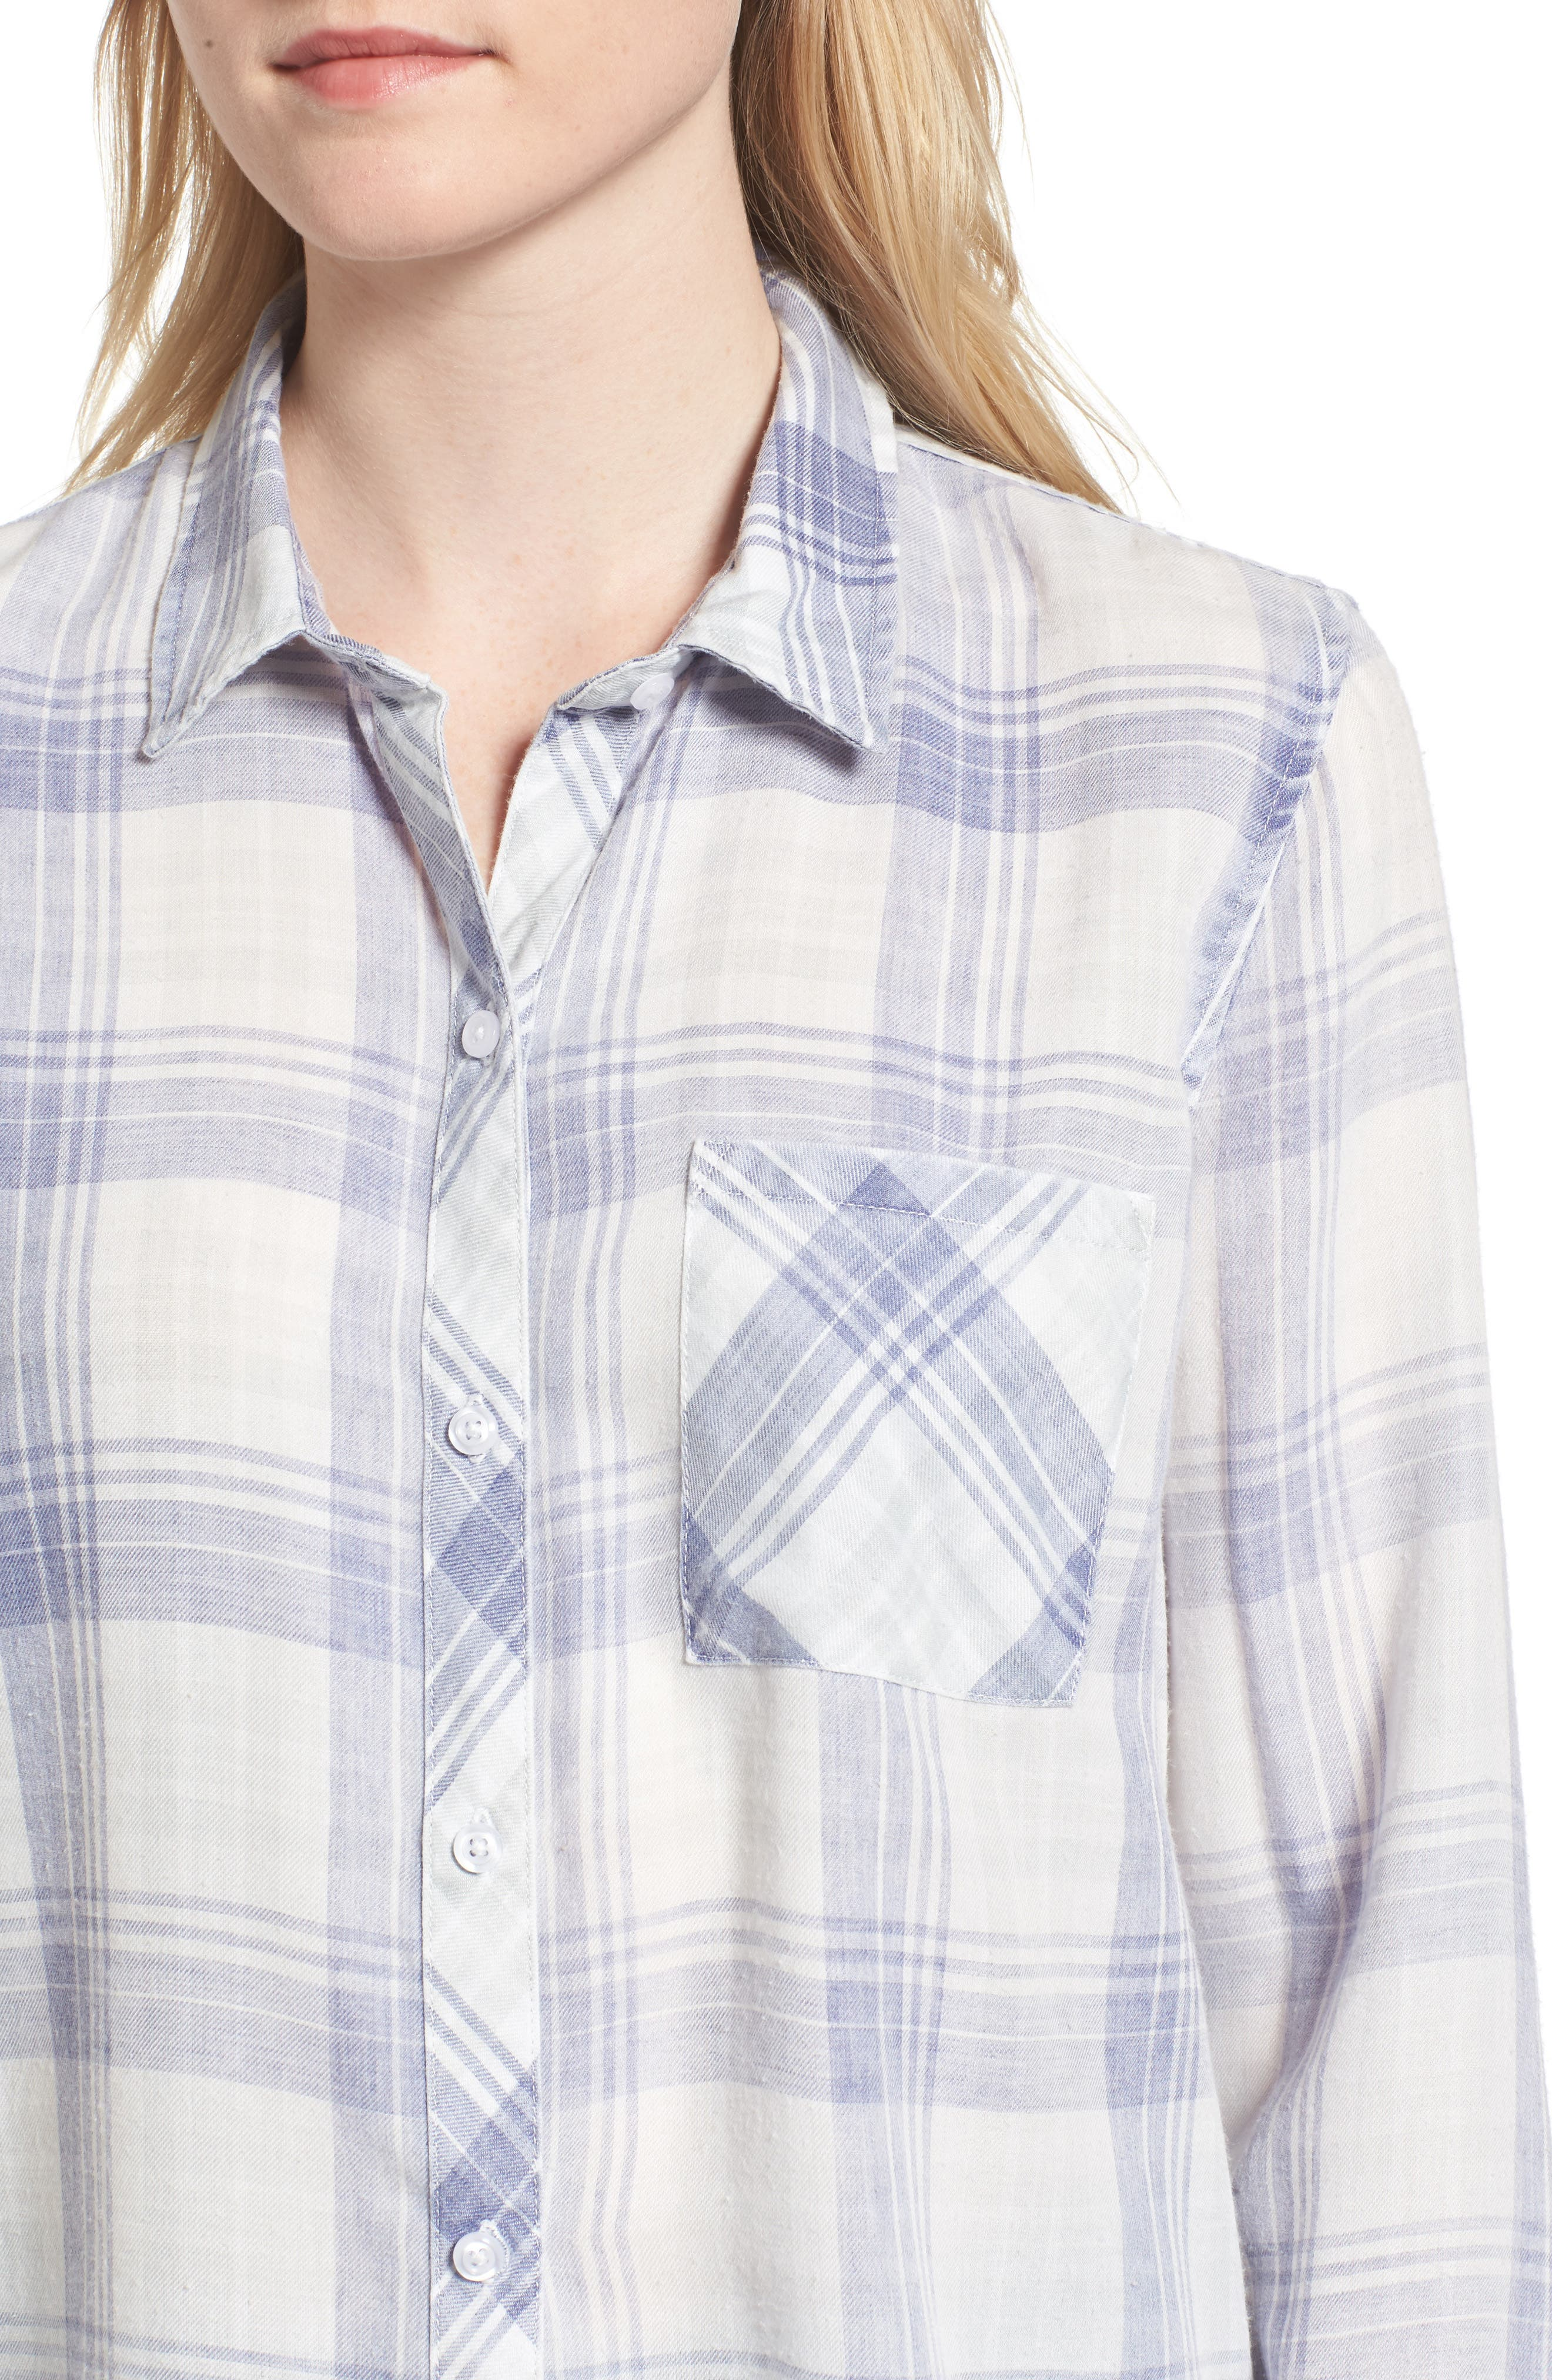 Hunter Plaid Shirt,                             Alternate thumbnail 488, color,